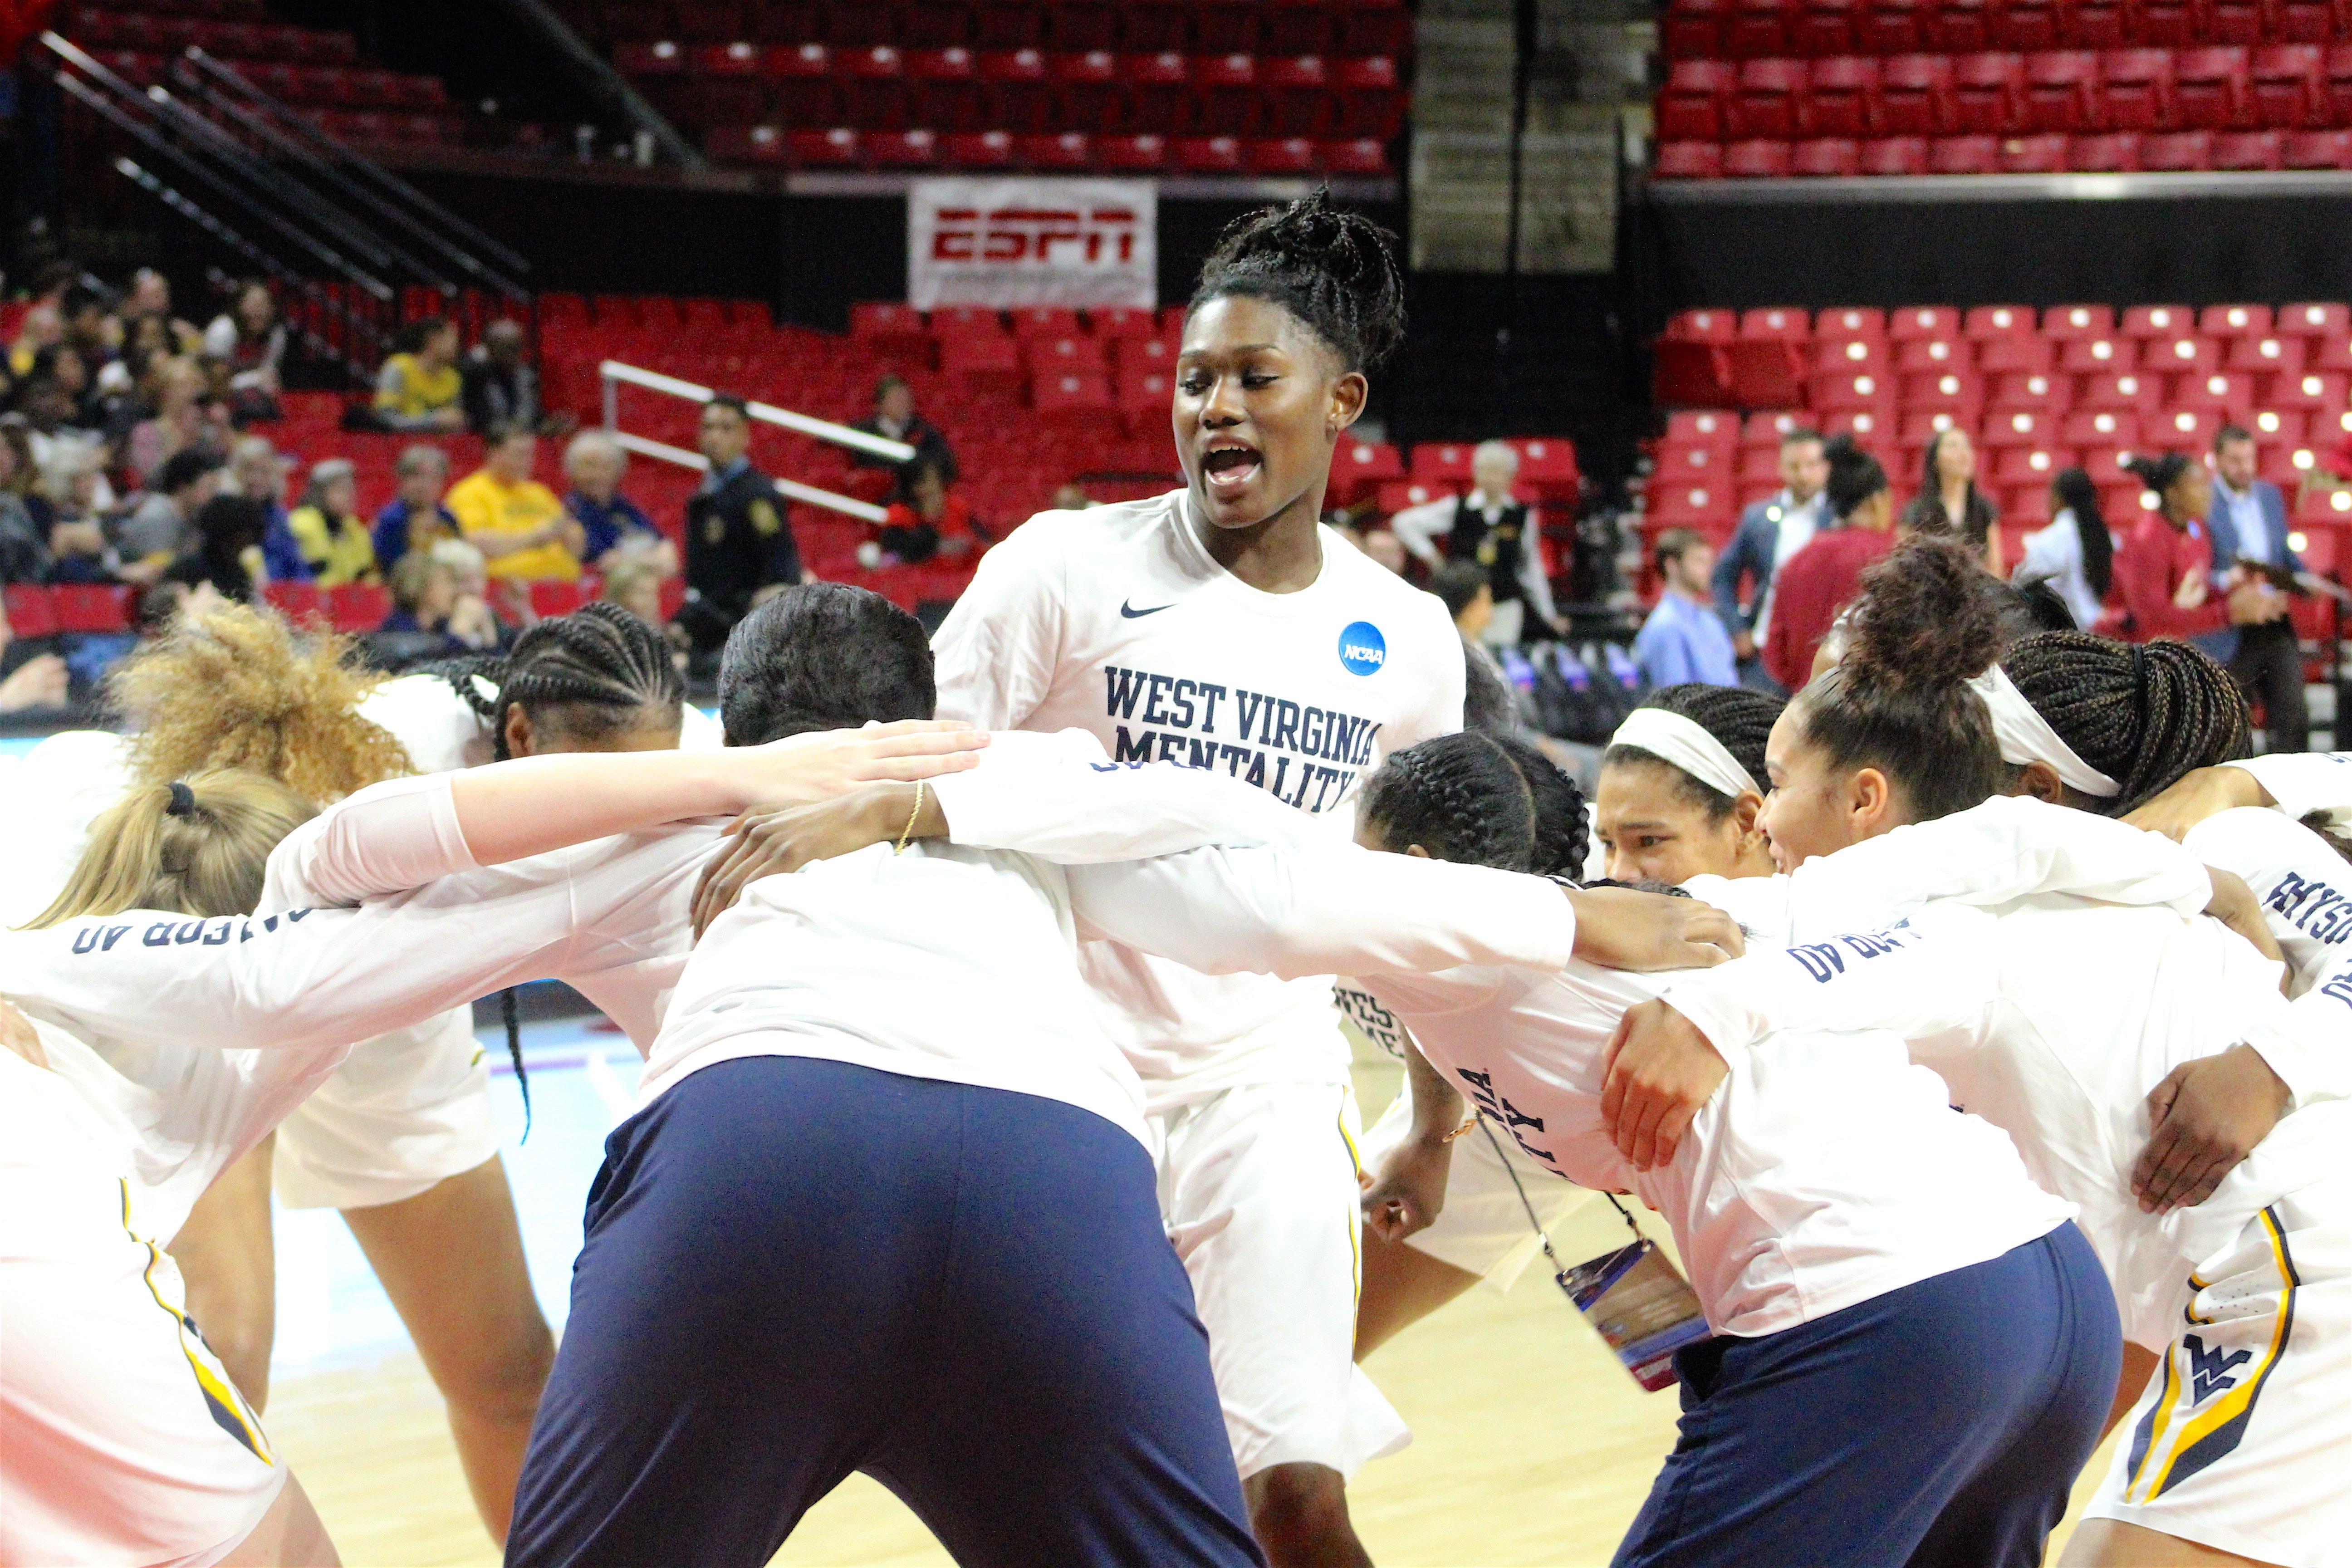 west virginia university basketball wvu football wvu basketball